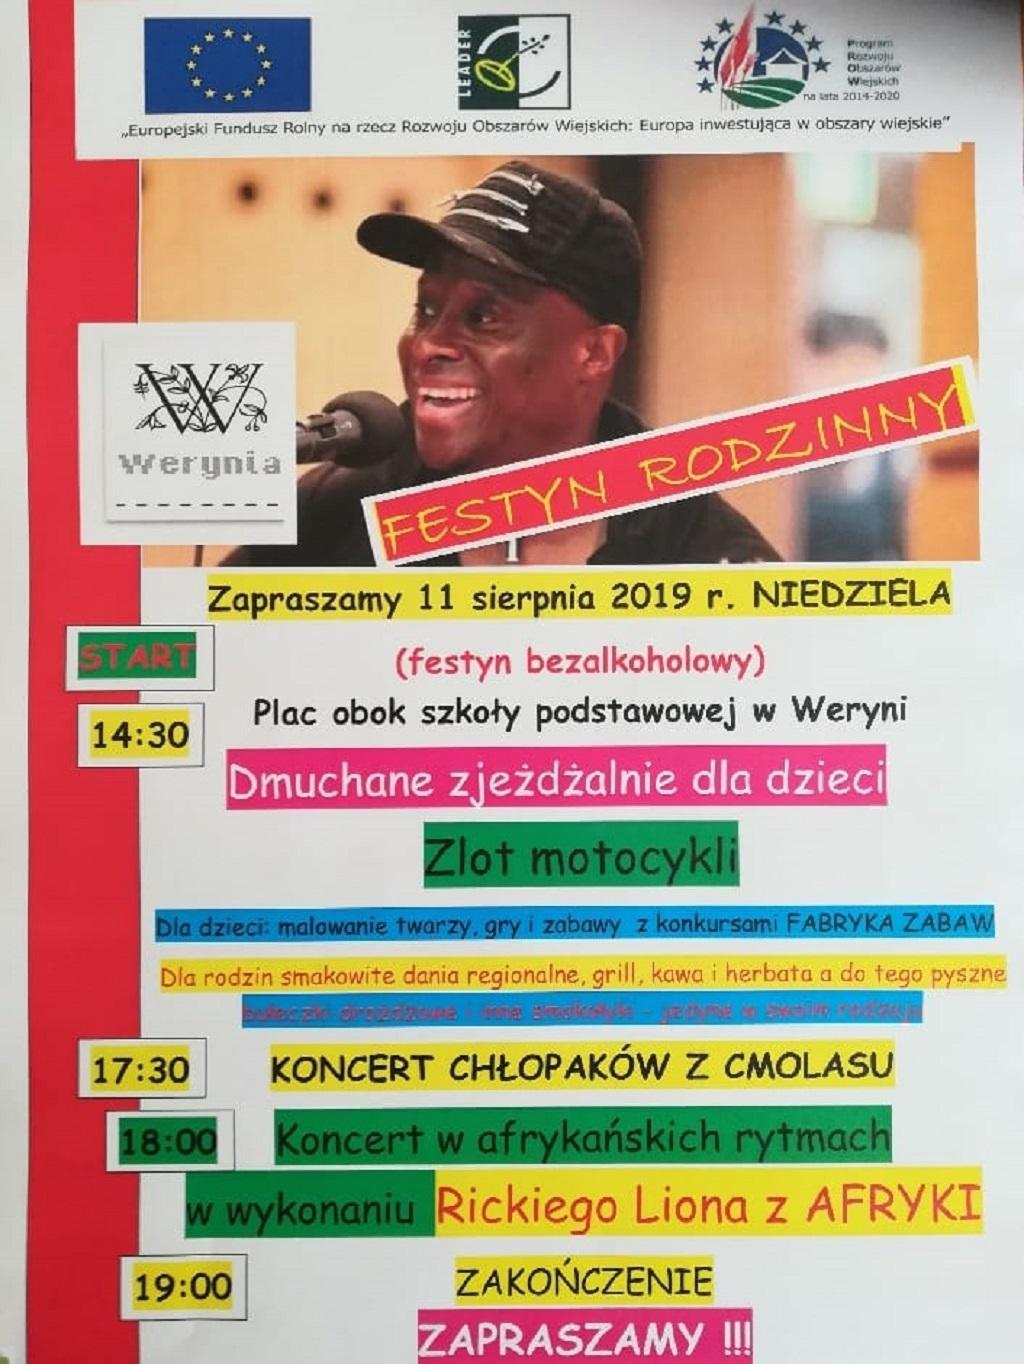 Koncert w afrykańskich rytmach w wykonaniu Rickiego Liona z Afryki, czyli festyn w Weryni  - Zdjęcie główne